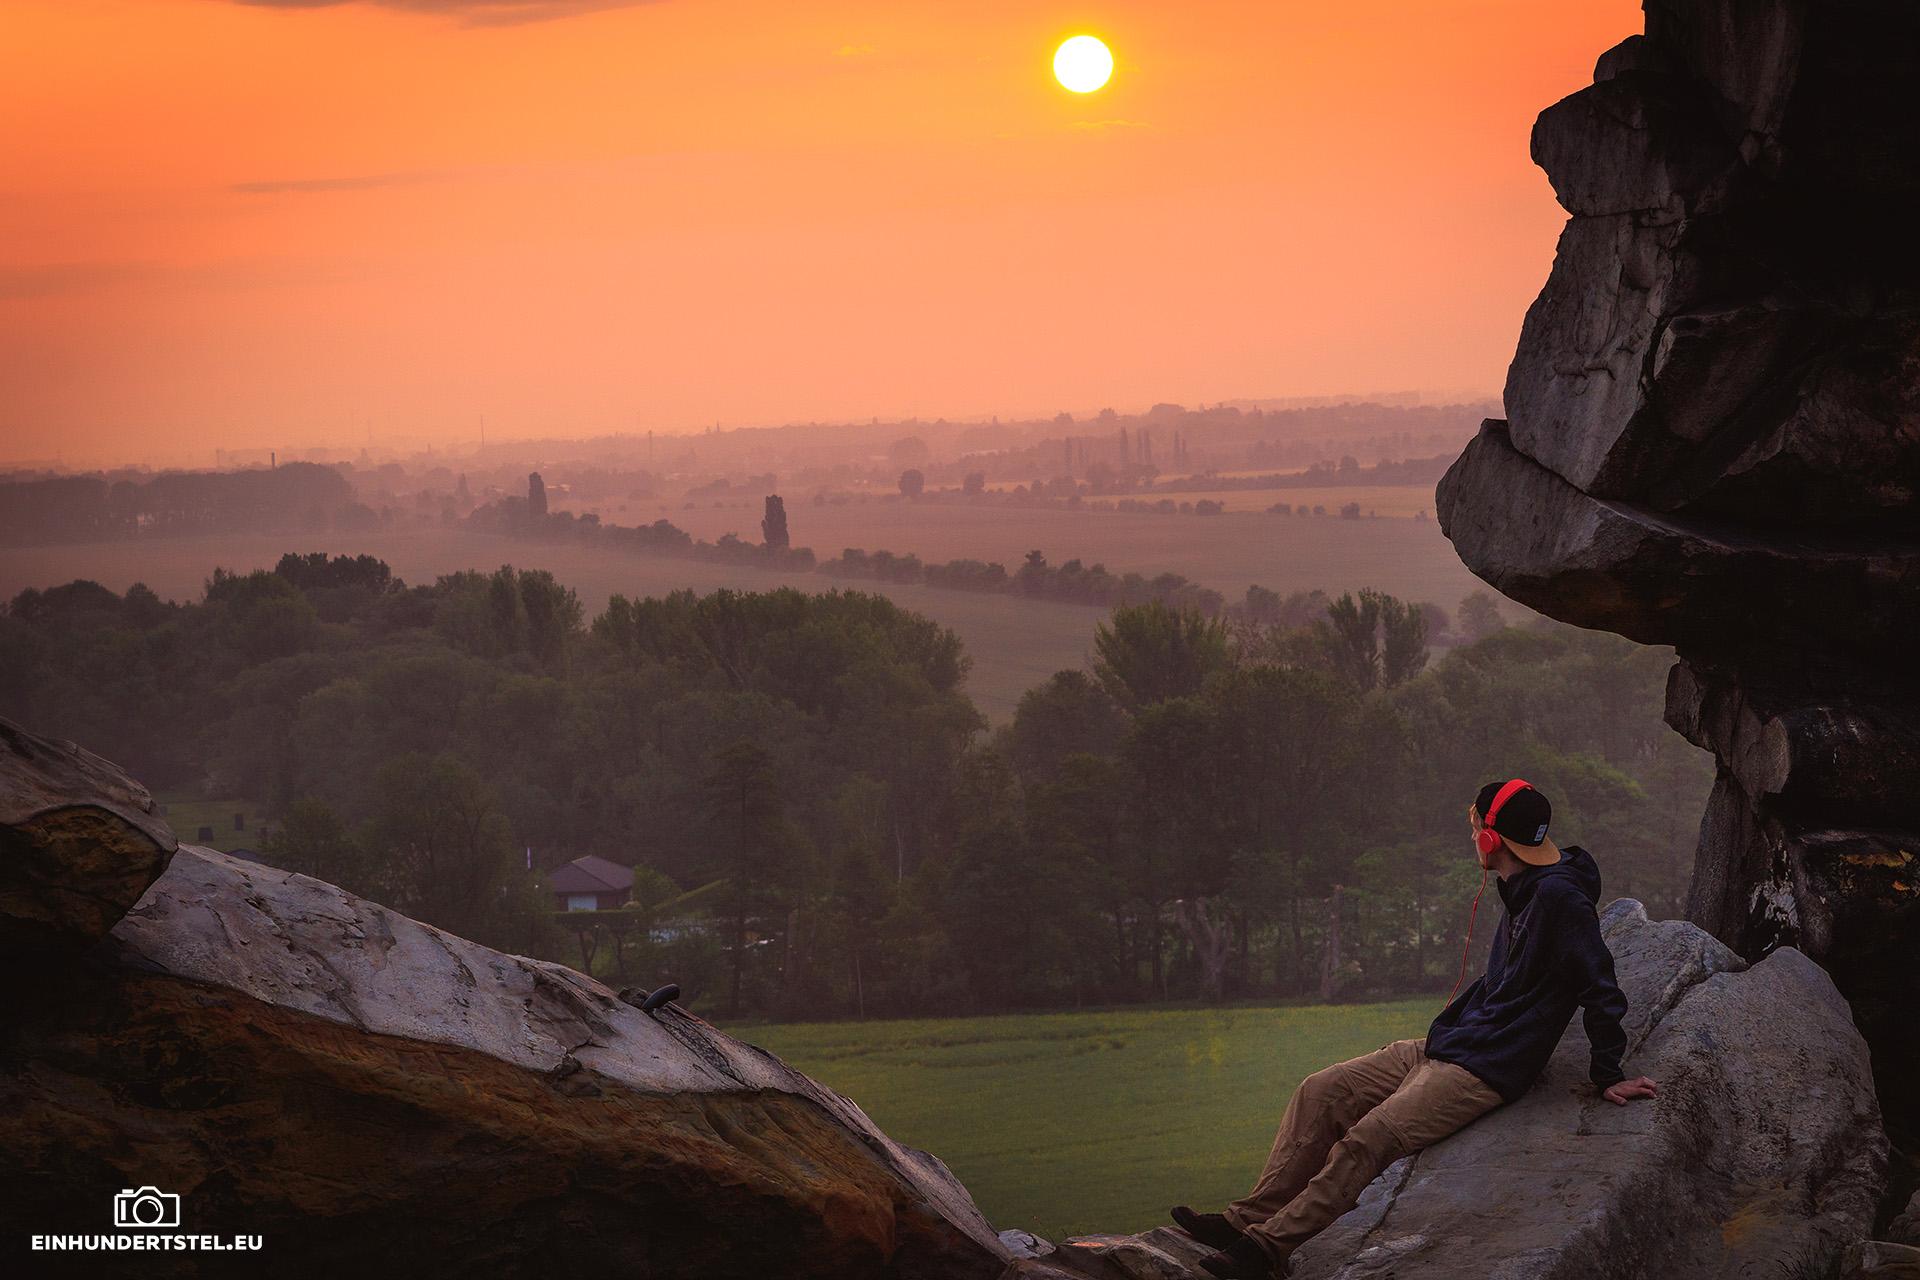 Rico mit roten Kopfhörern rechts auf einem Felsen der Teufelsmauer. Im Hintergrund eine Landschaft im morgendlichen Dunst. Sonnenaufgang in kräftigem Organge. Sonne am oberen Rand des Bildes zu sehn. Rico stützt sich nach hinten auf seine Hände und schaut entspannt in die Ferne.